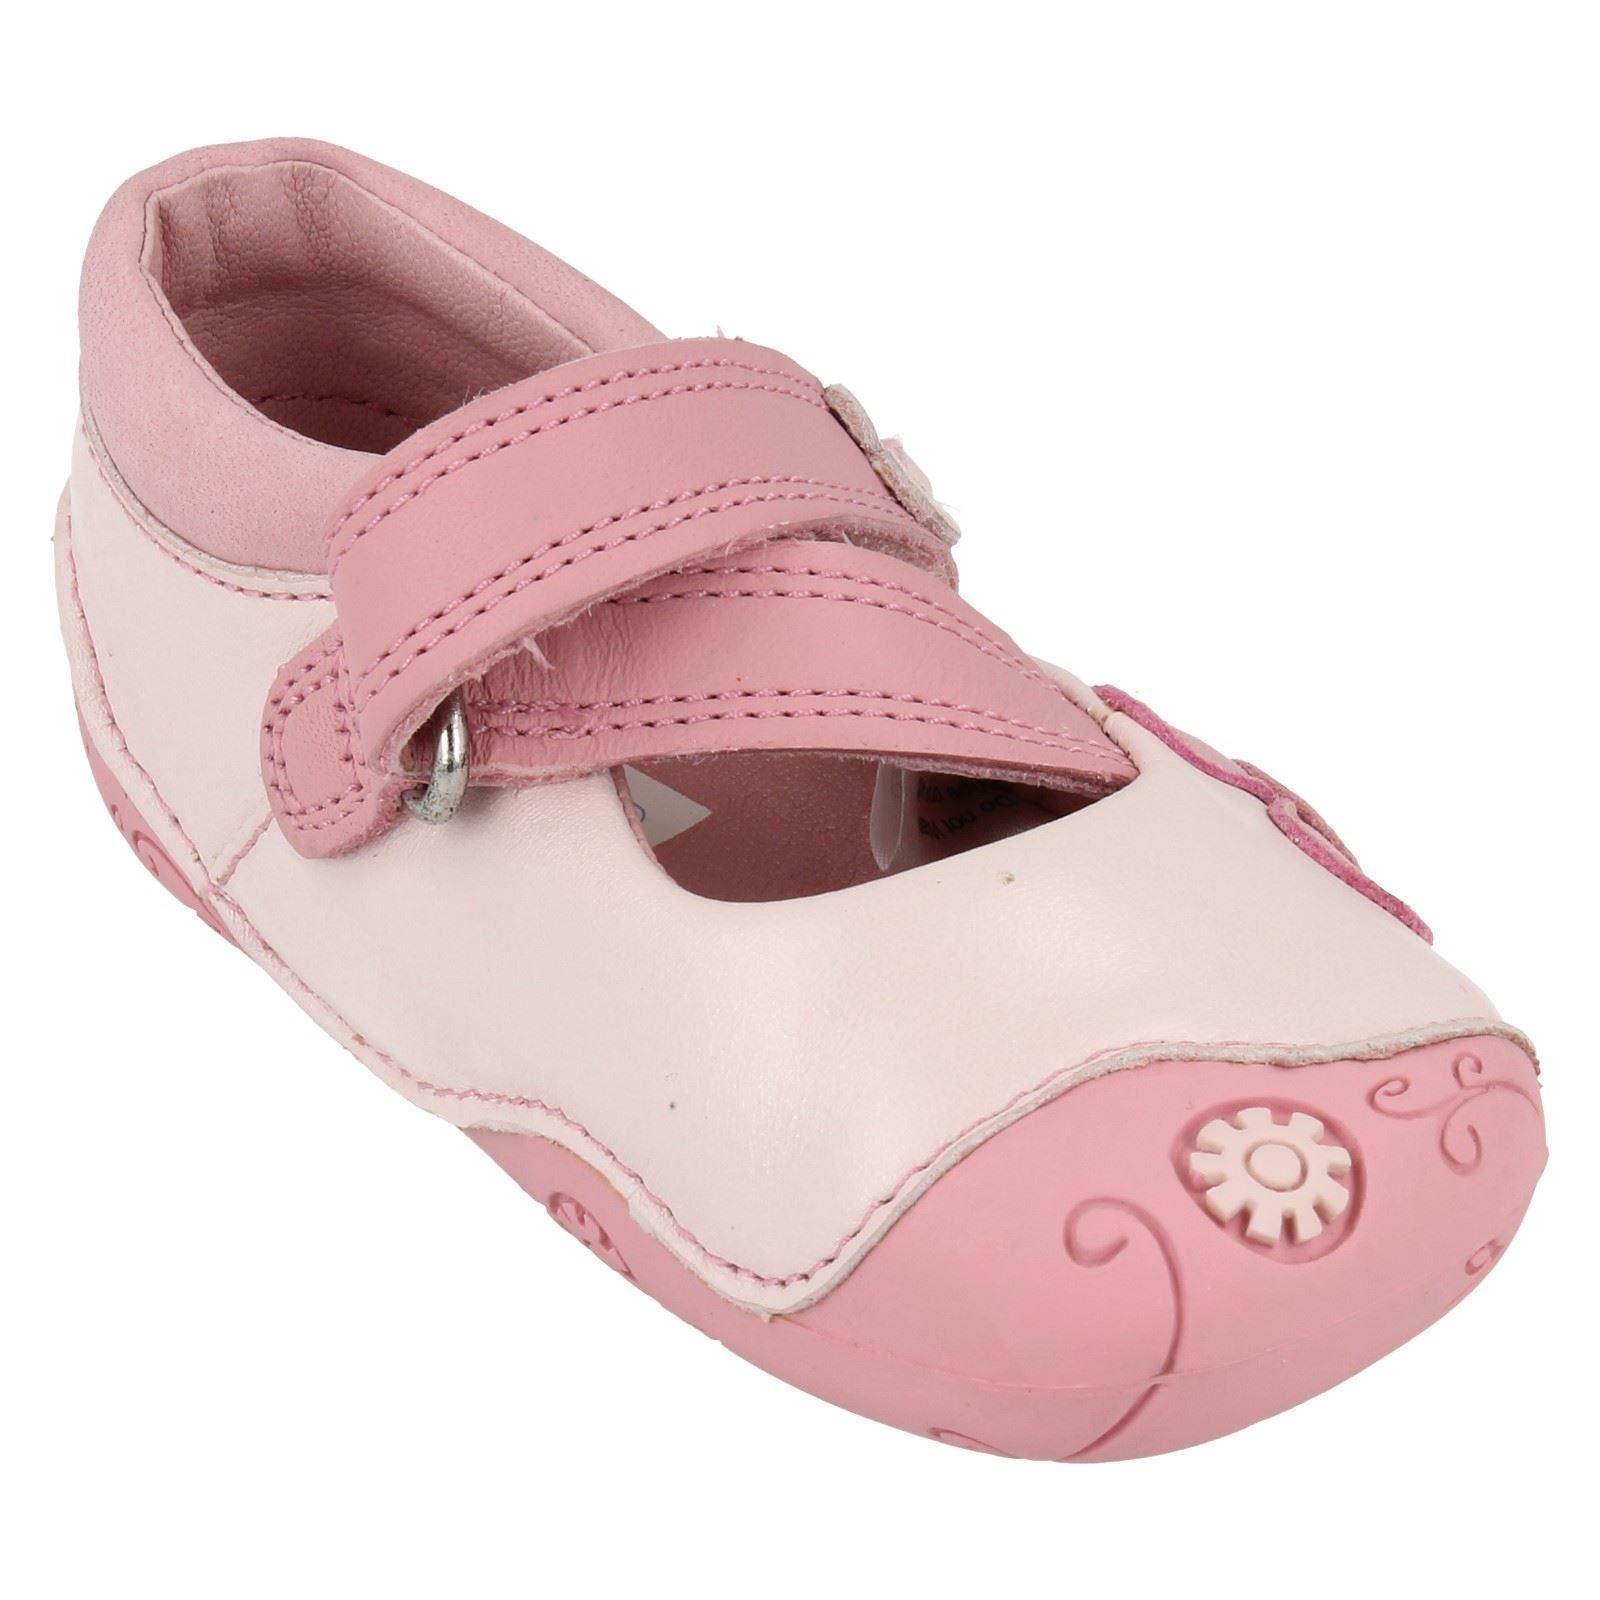 Clarks Girls Casual Flat Shoes - Dizi Days